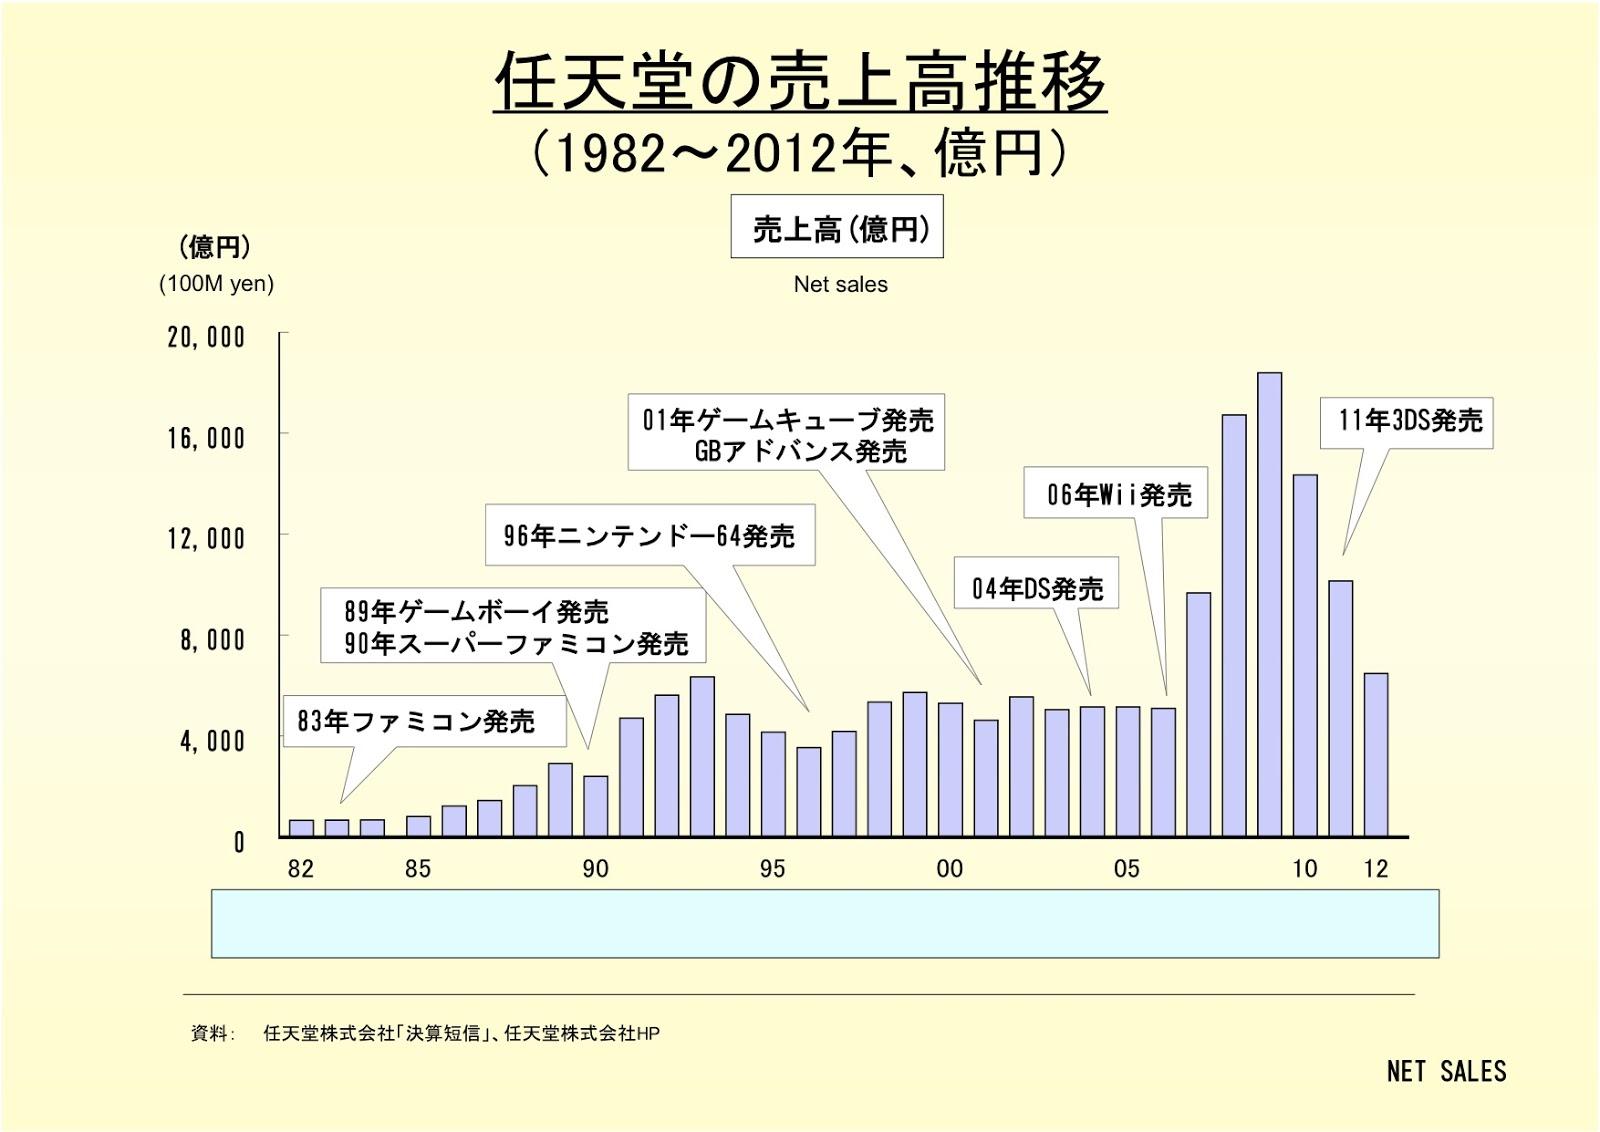 任天堂株式会社の売上高推移